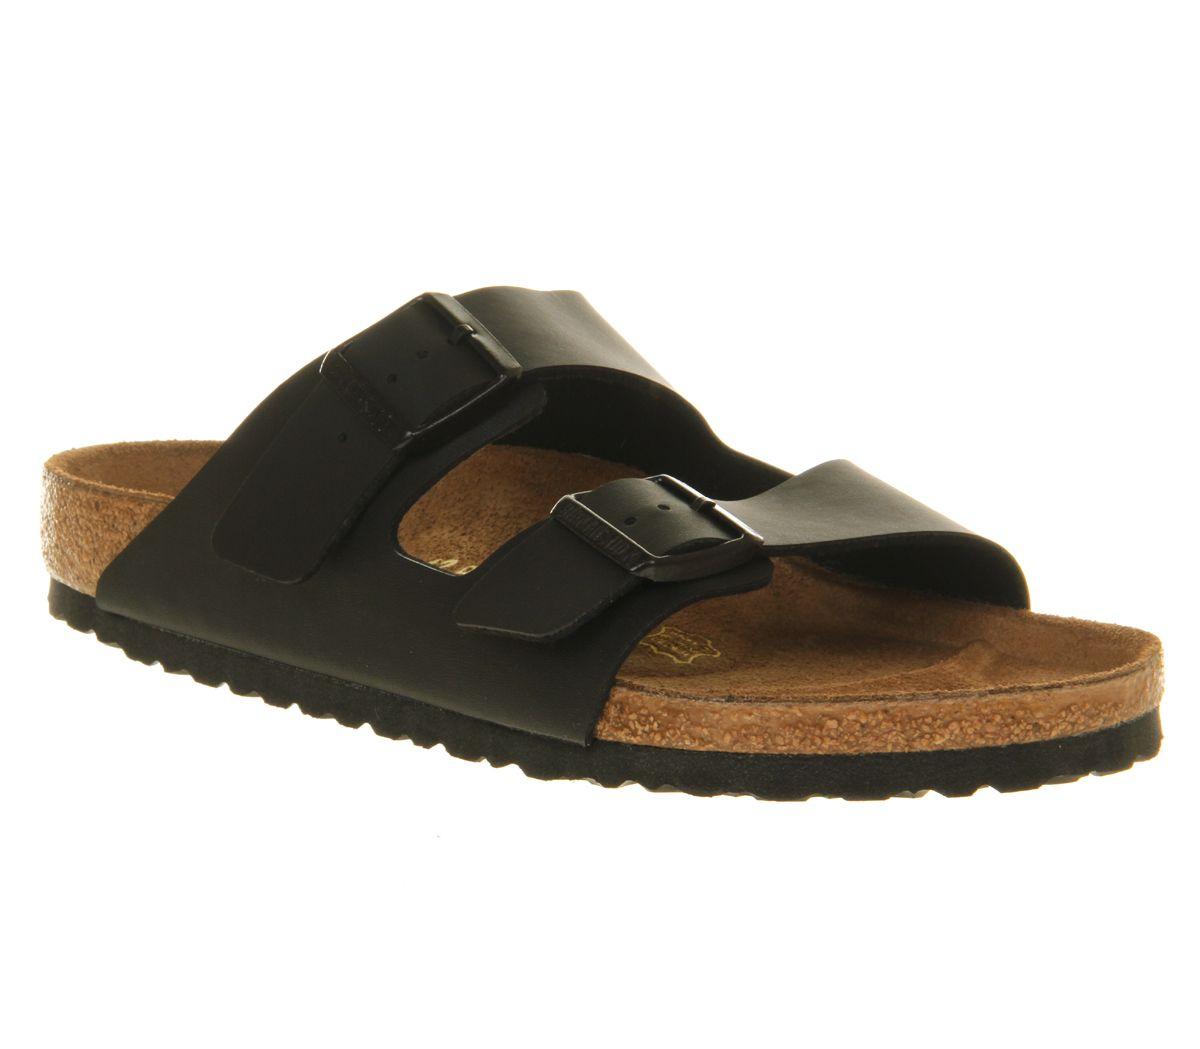 1f16314887b2 Birkenstock Arizona Two Strap Sandals Black - Sandals